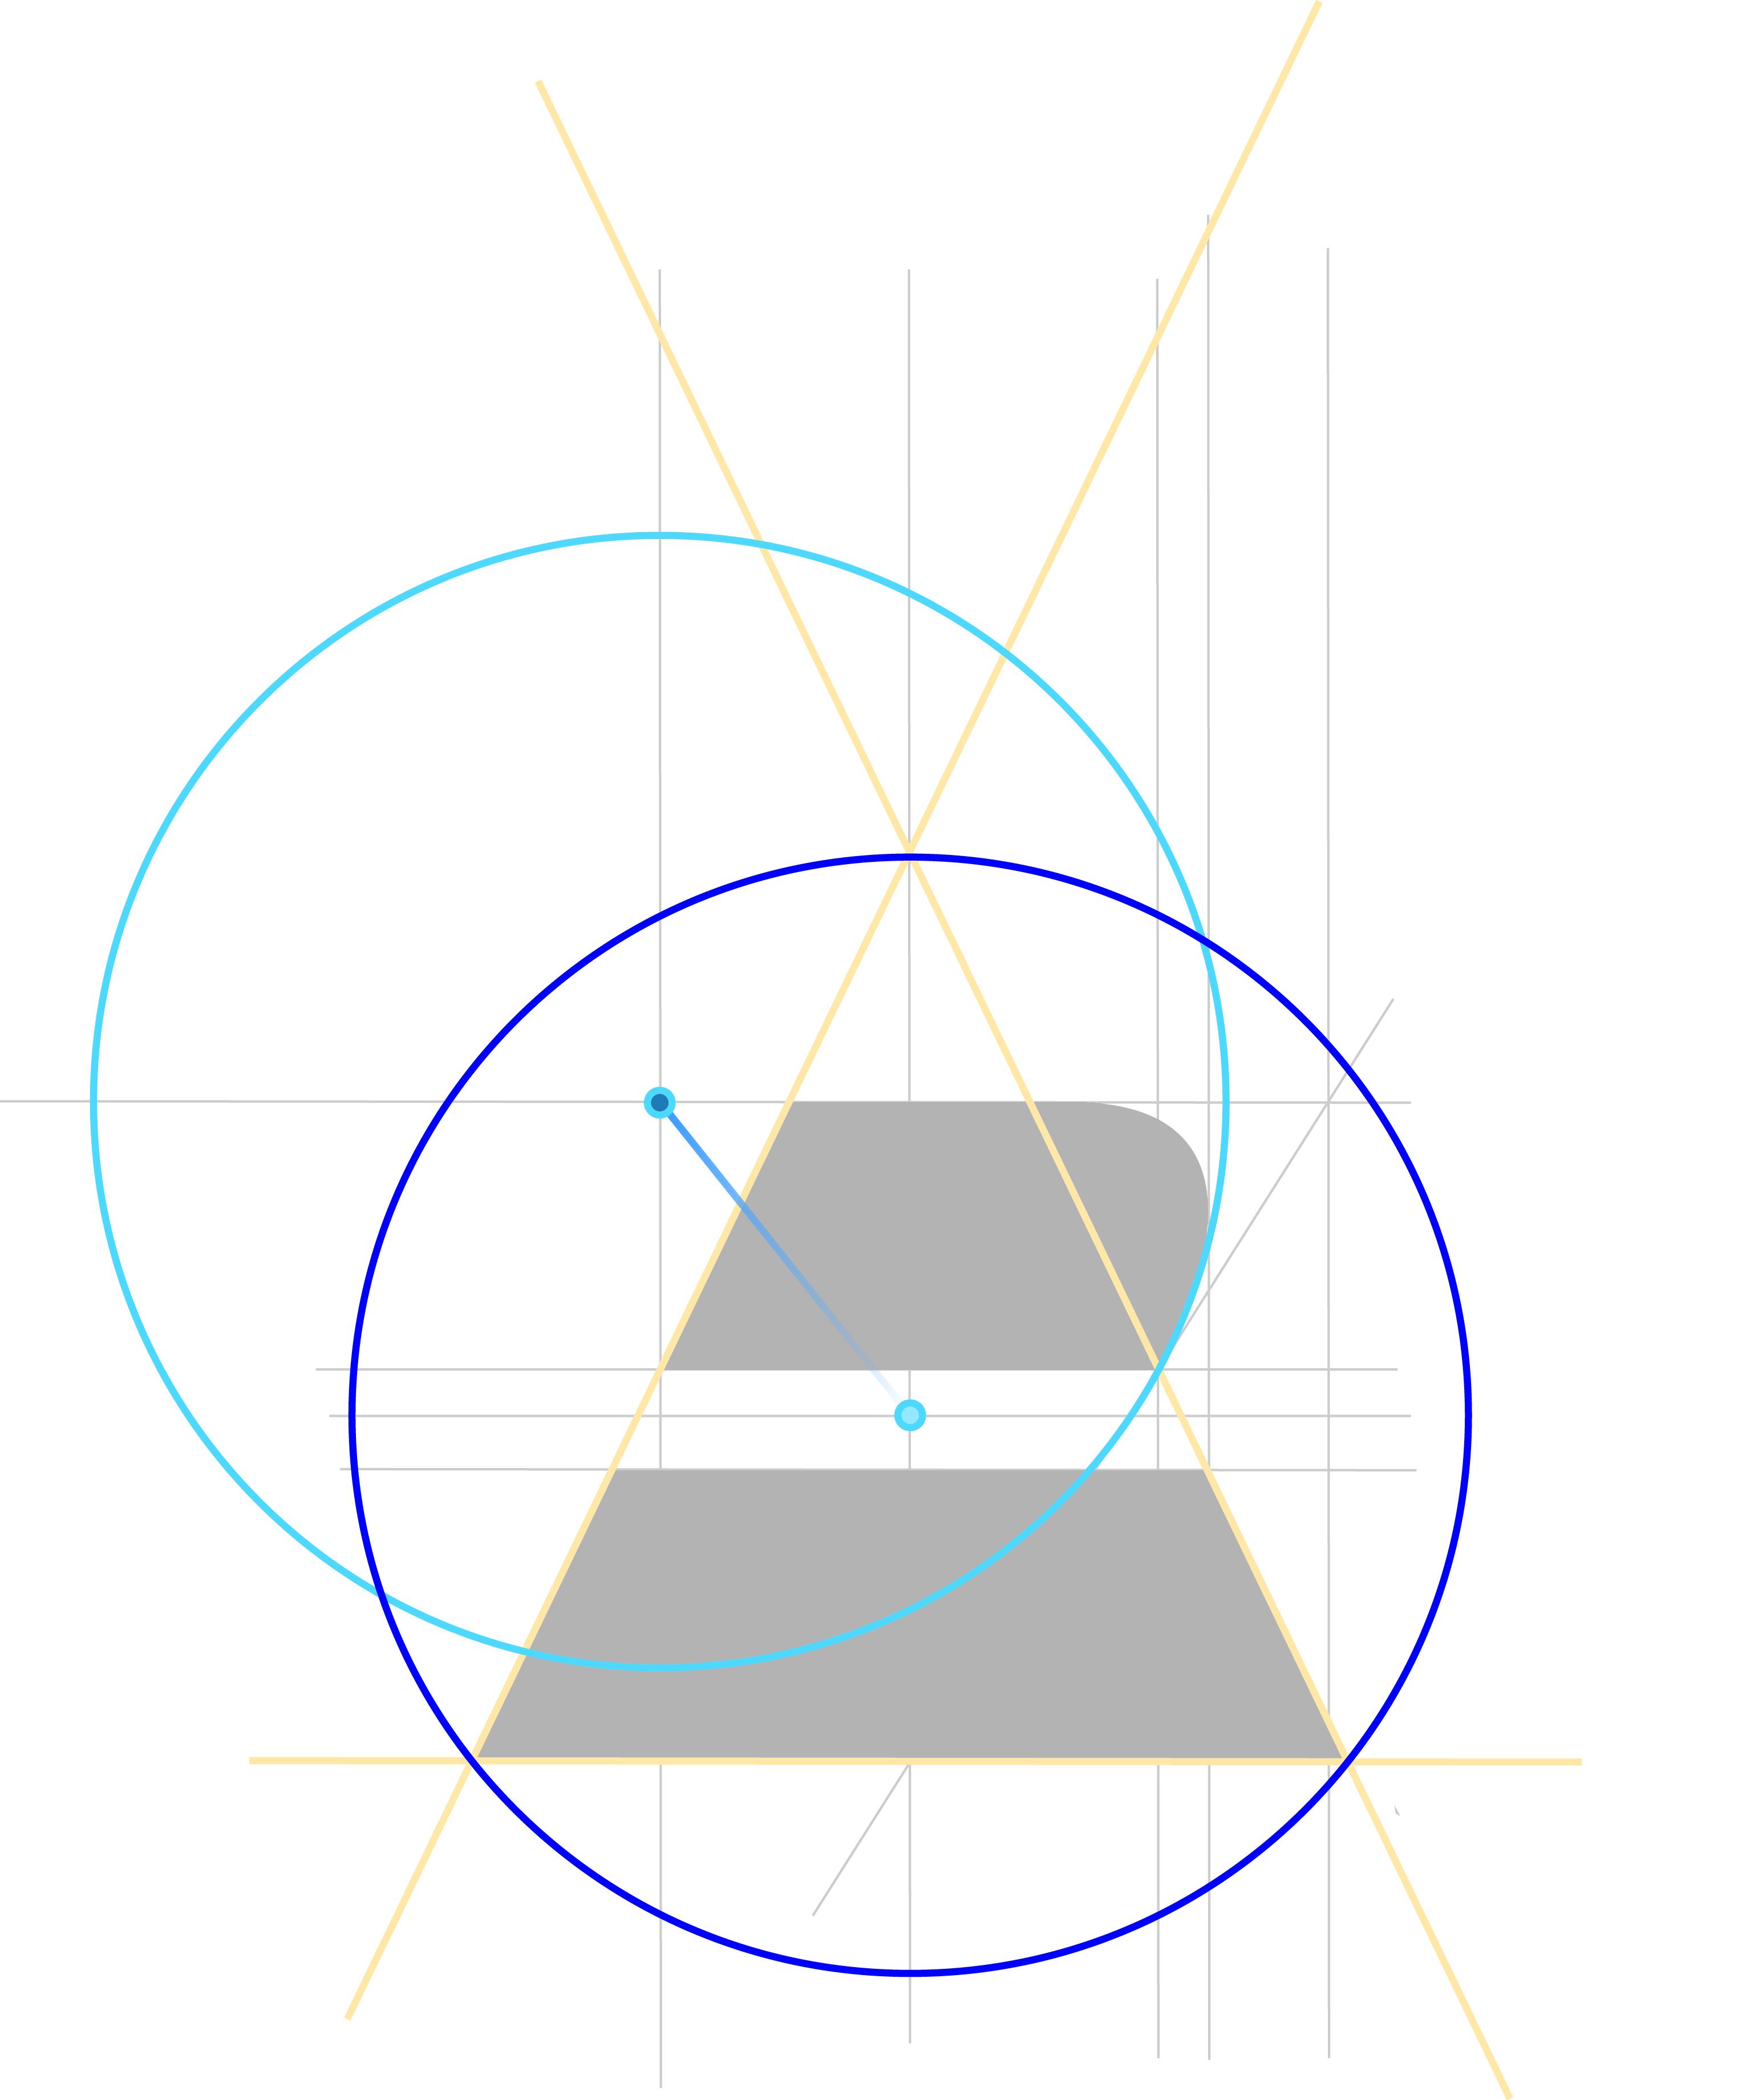 aregel_logo_ci_fertig_concept2a